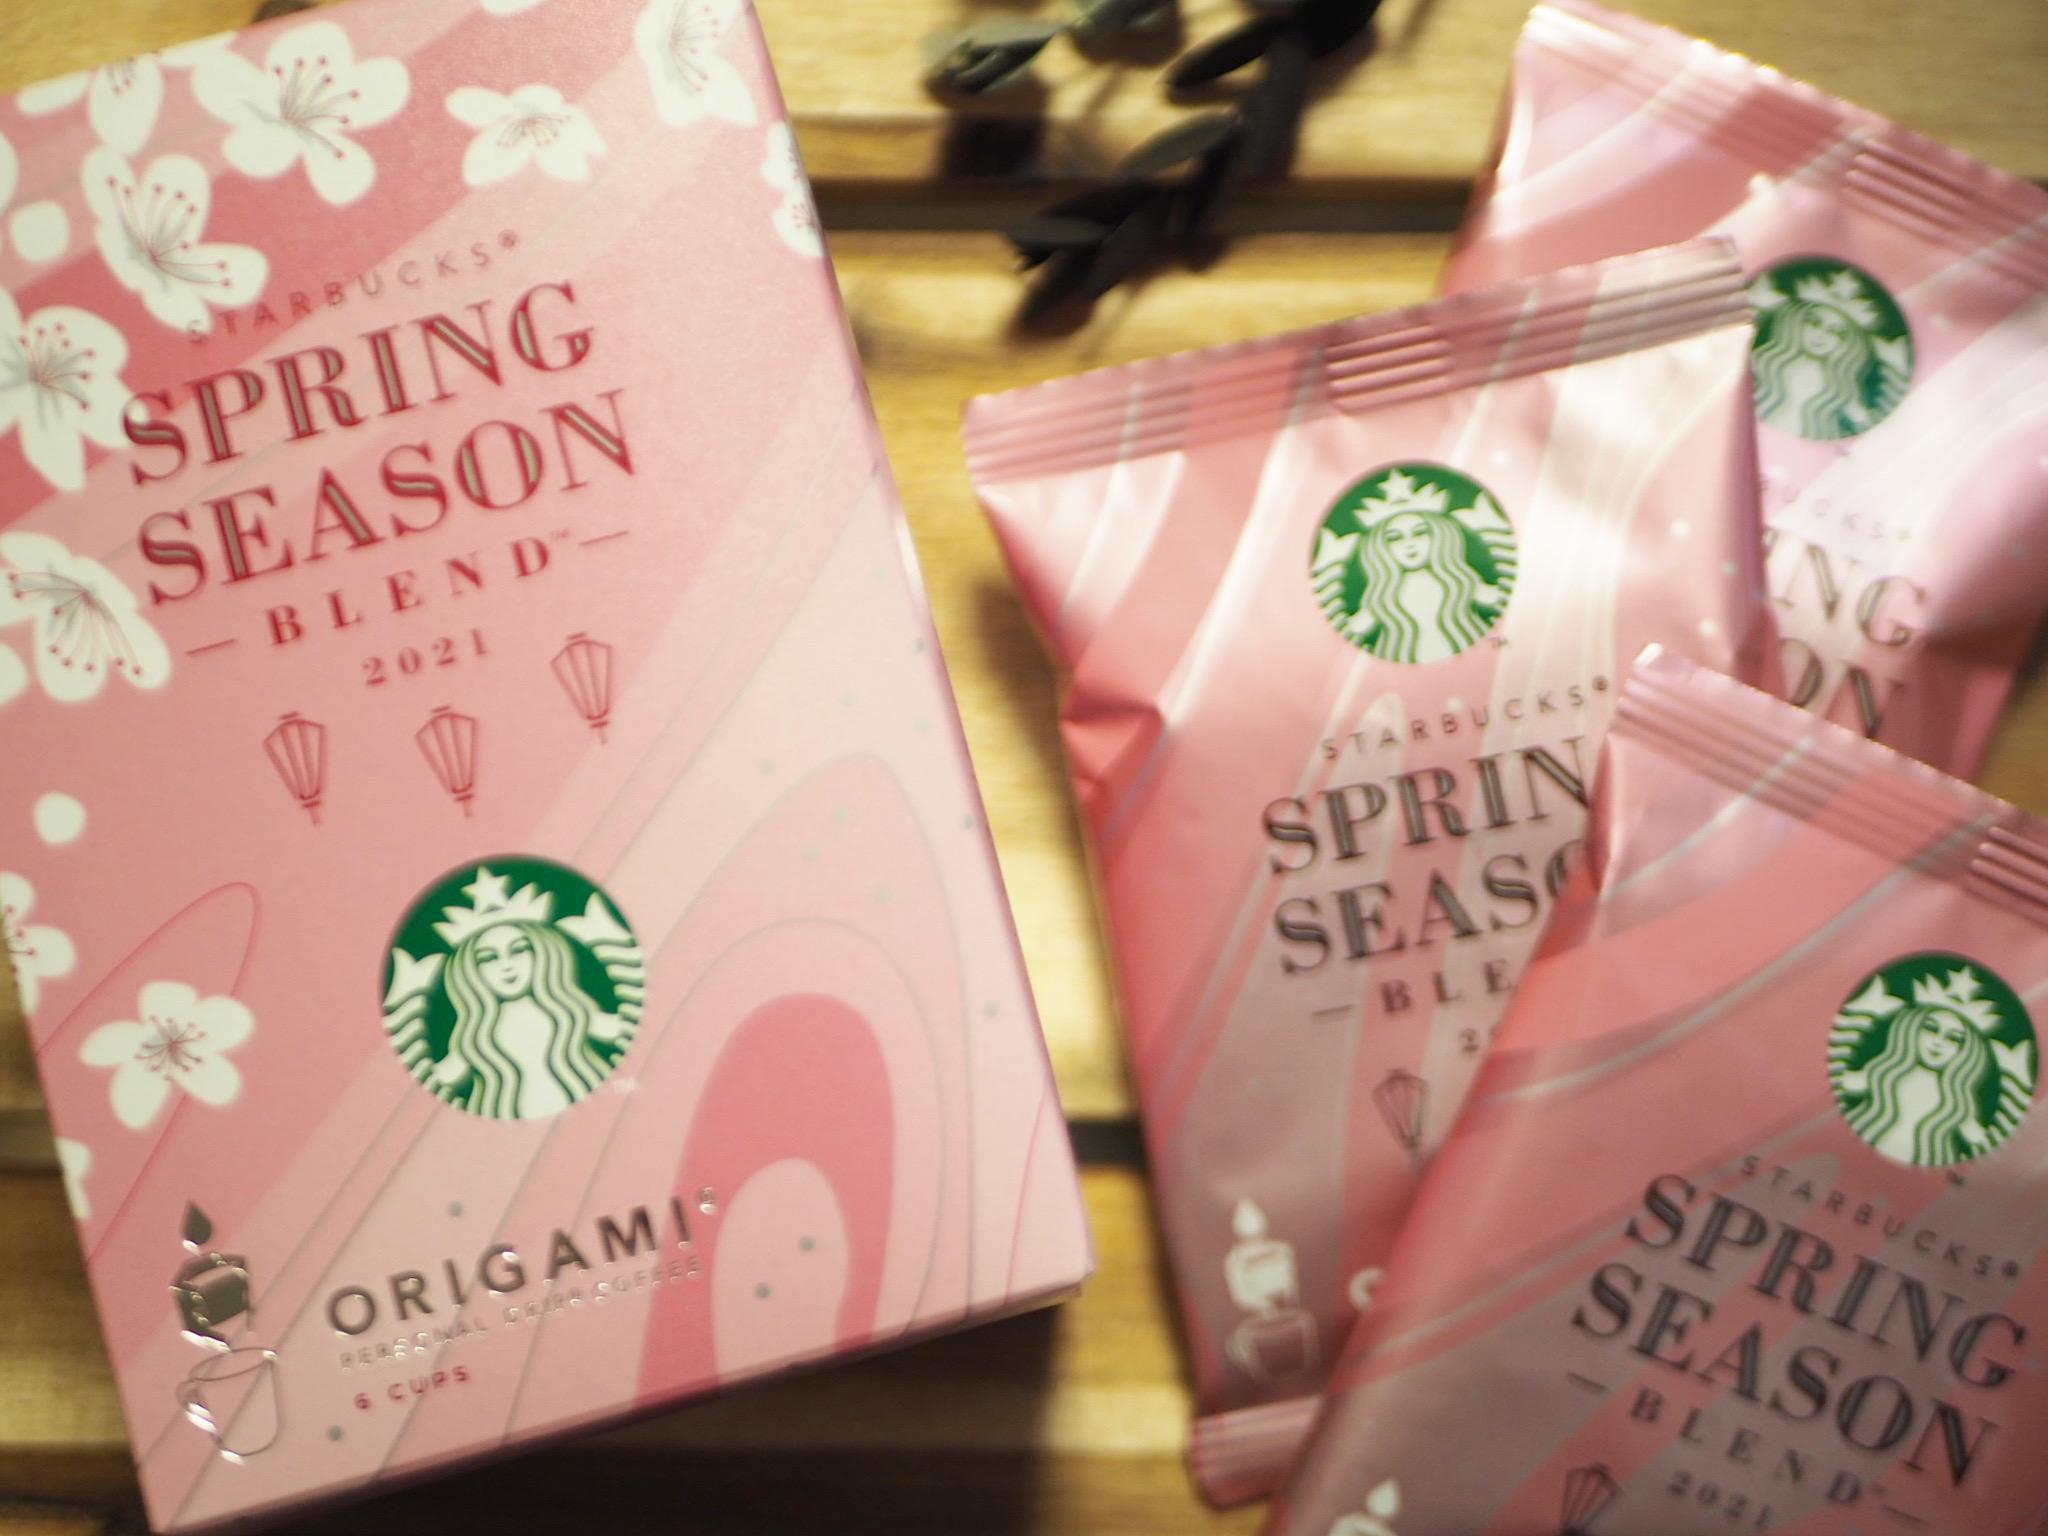 【スタバ】《スプリング シーズン ブレンド》でおうち時間に春を。_4